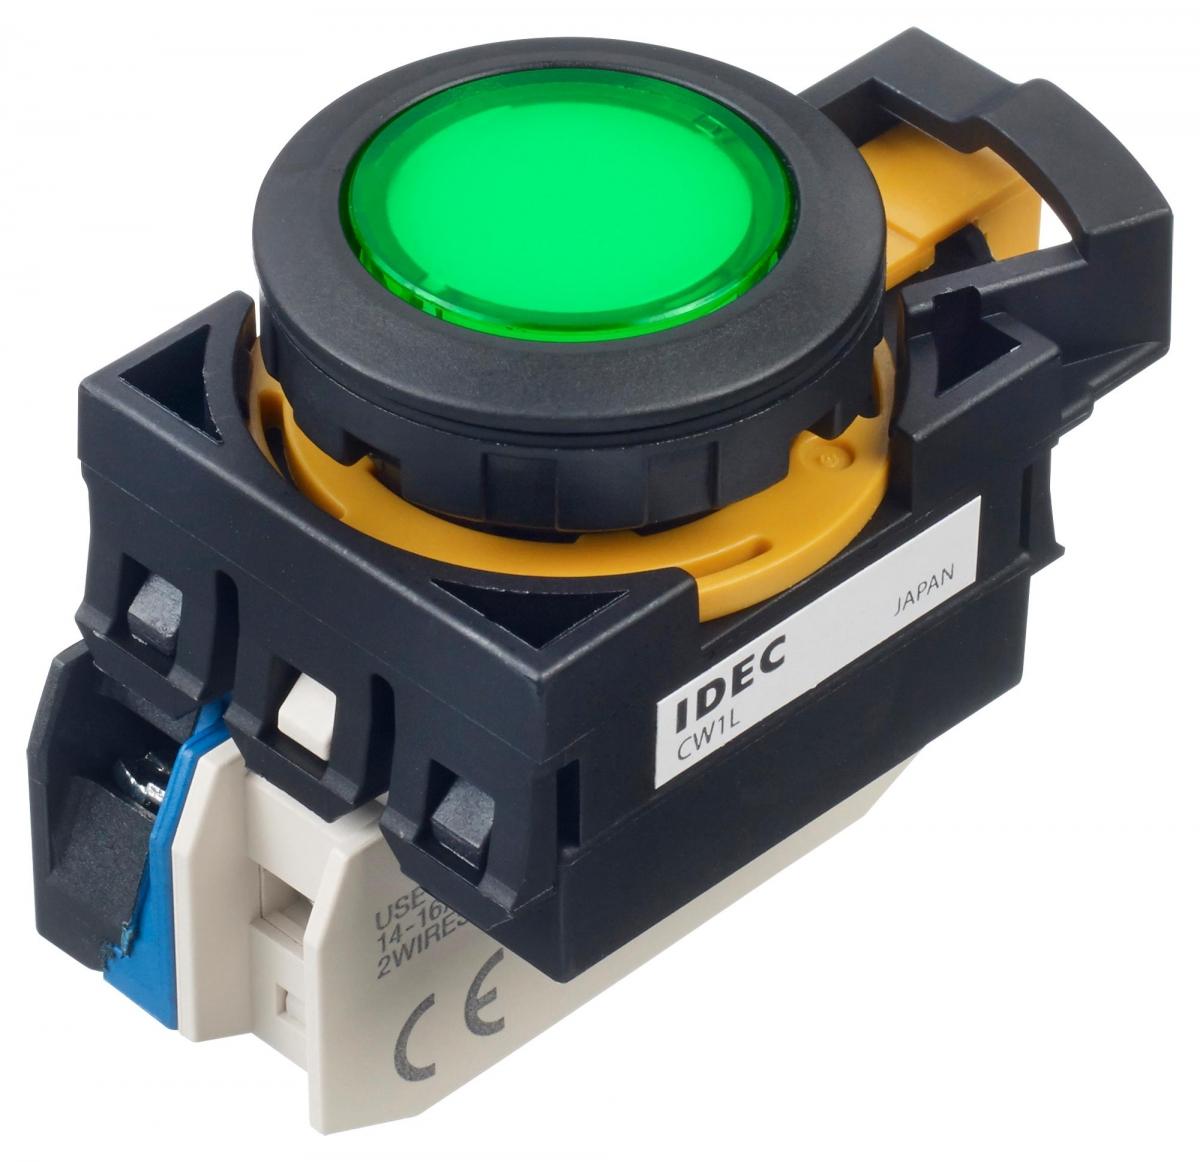 LED tlačítko CW1L-M1E10QM4G